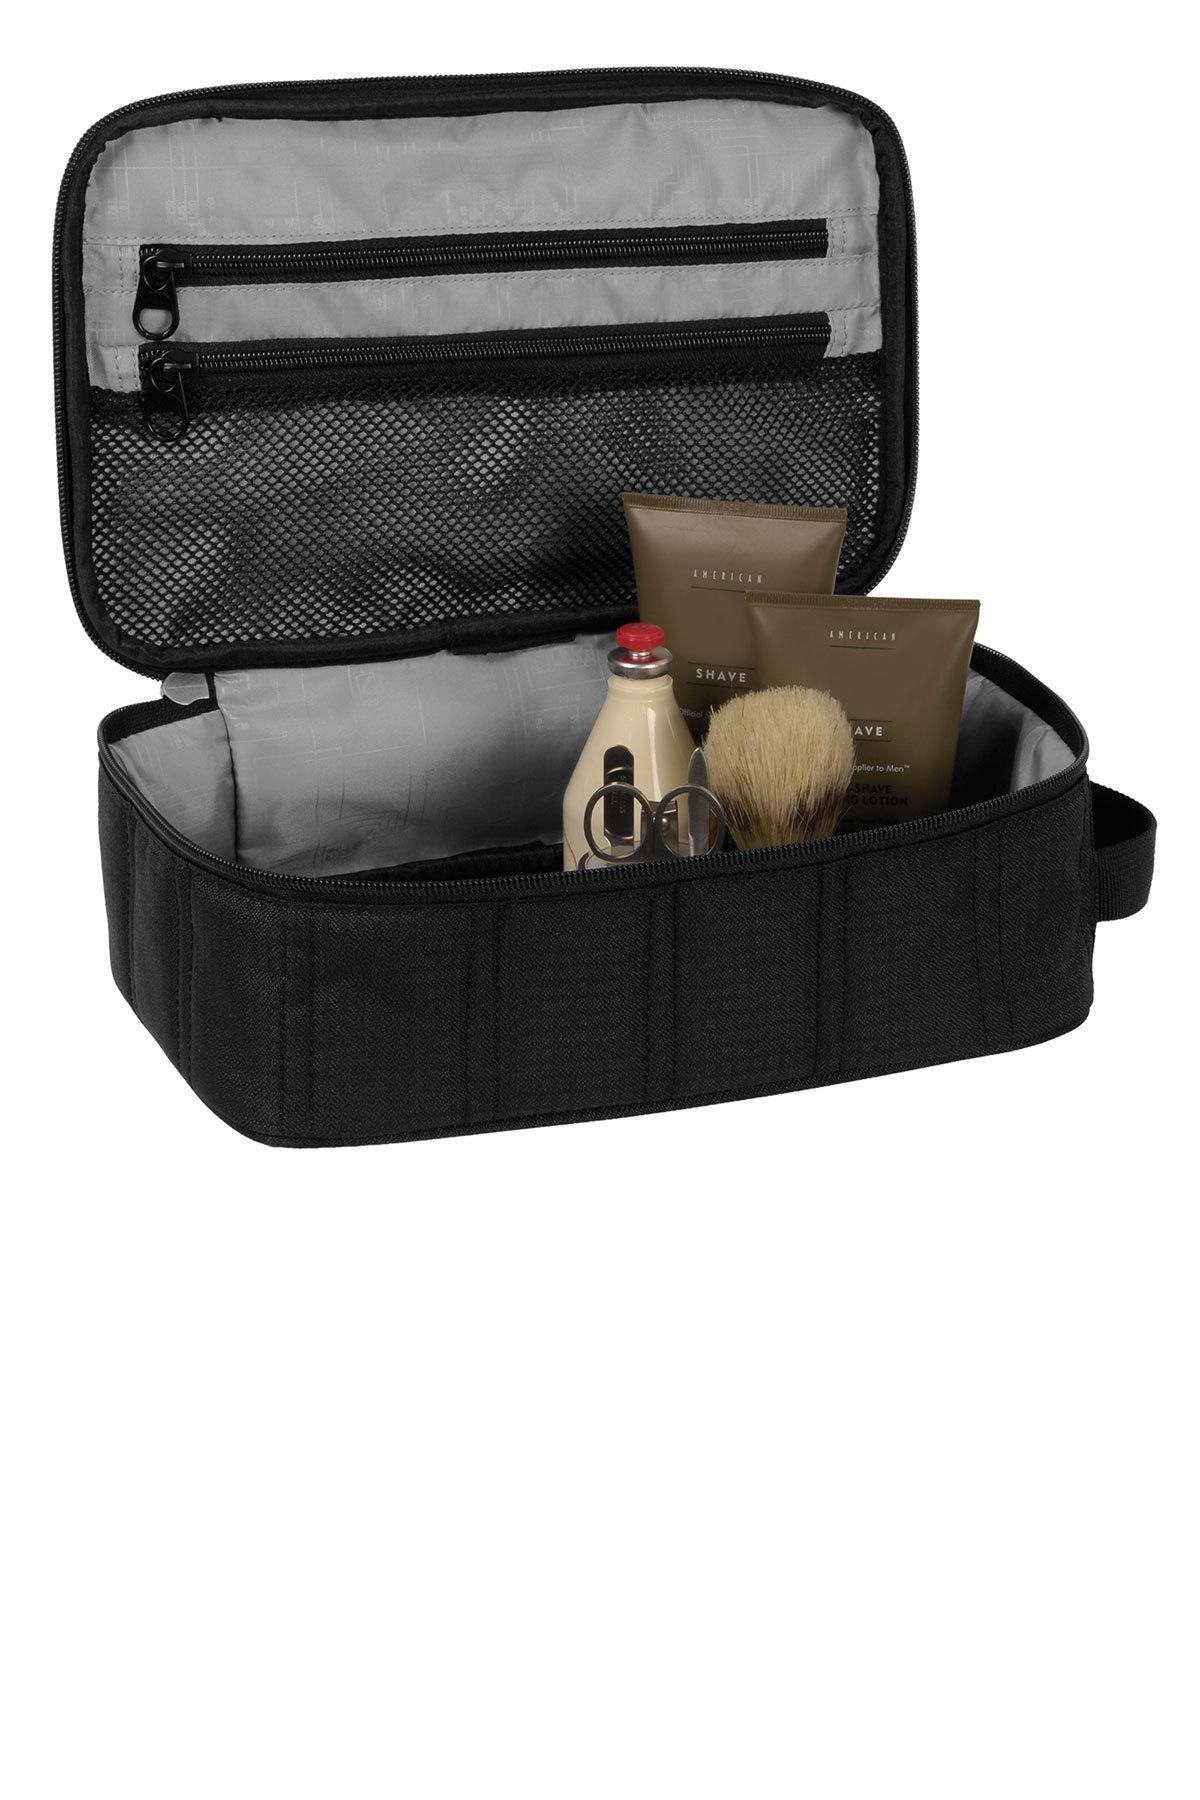 7ae614ccb598 OGIO® Shadow Travel Kit